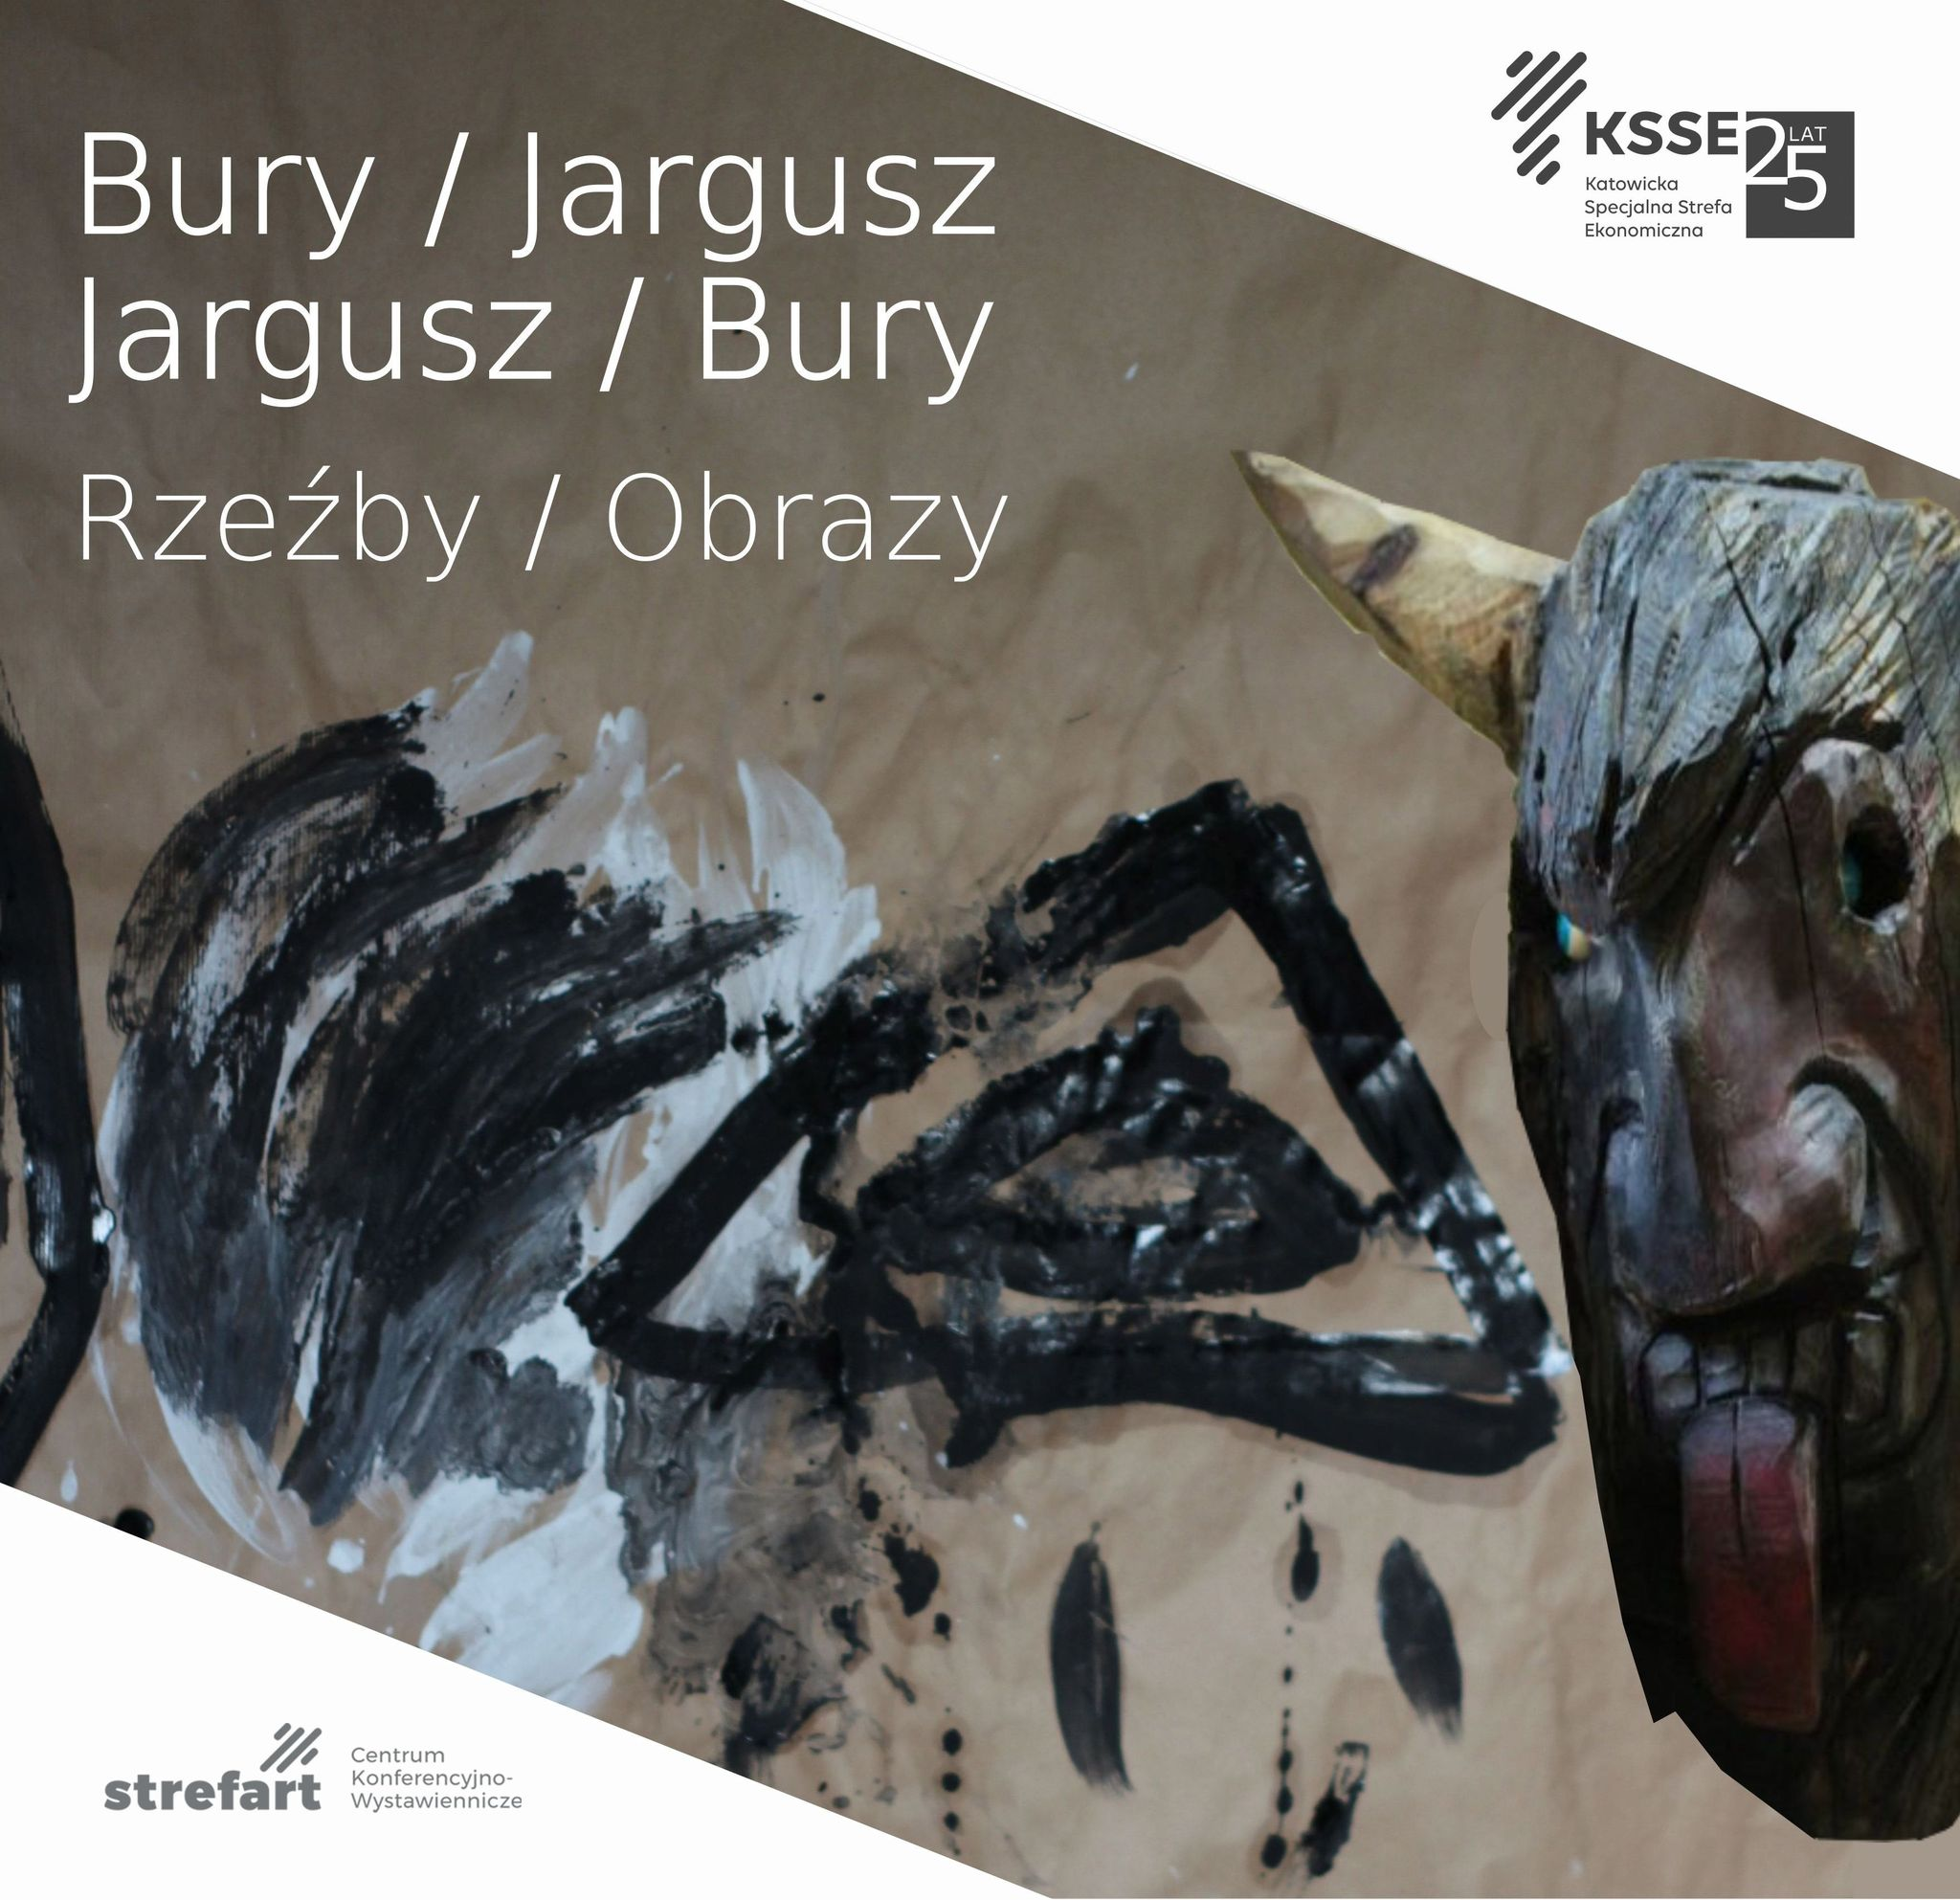 Wystawa Bury/Jargusz- plakat